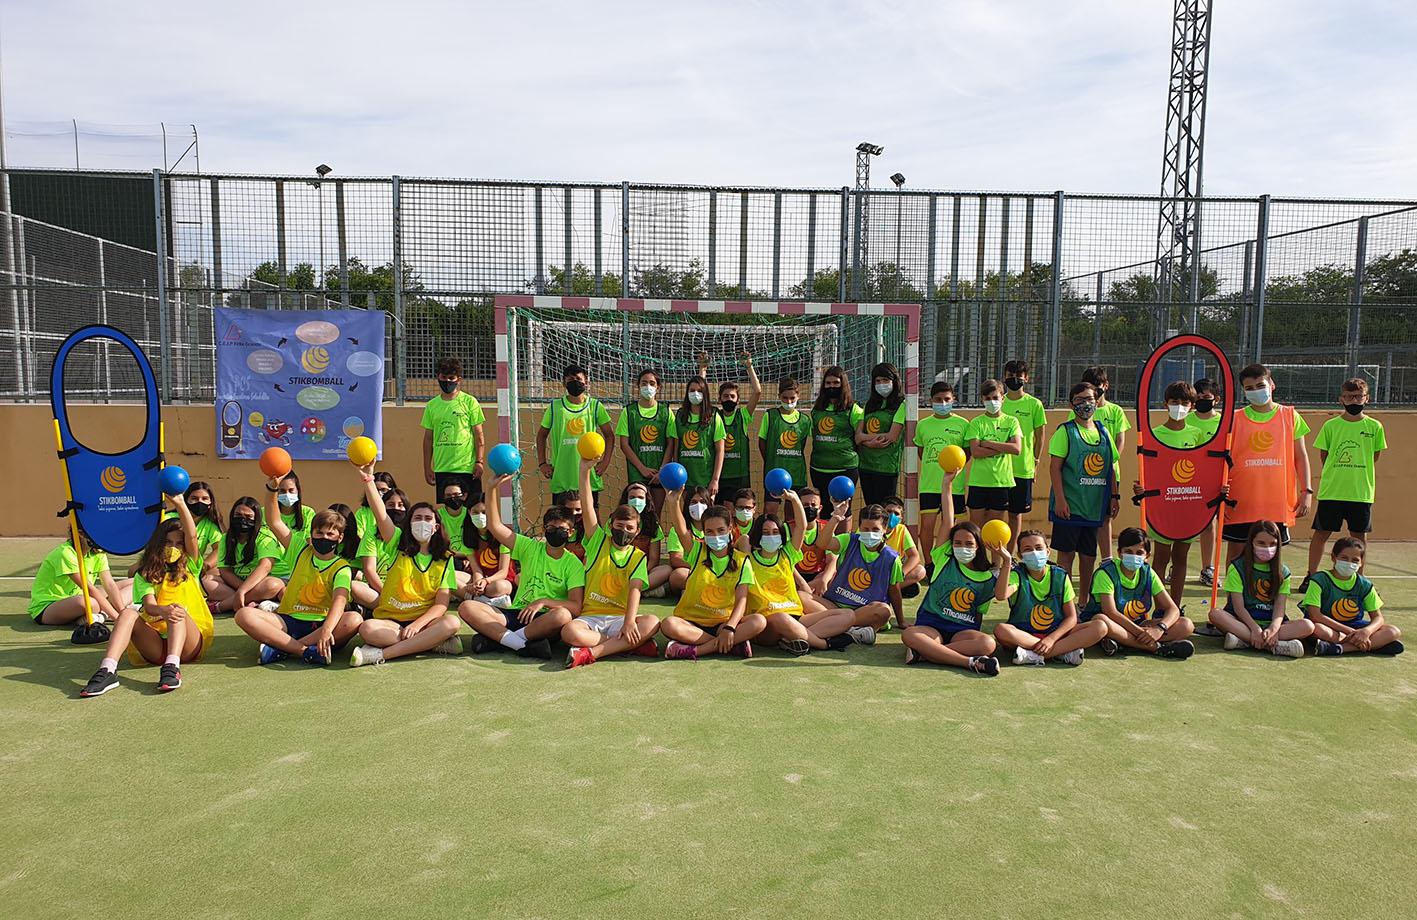 Alumnos del colegio Félix Grande, de Tomelloso, quienes han disfrutado con el nuevo deporte inventado por uno de sus profeores, el stikbomball.